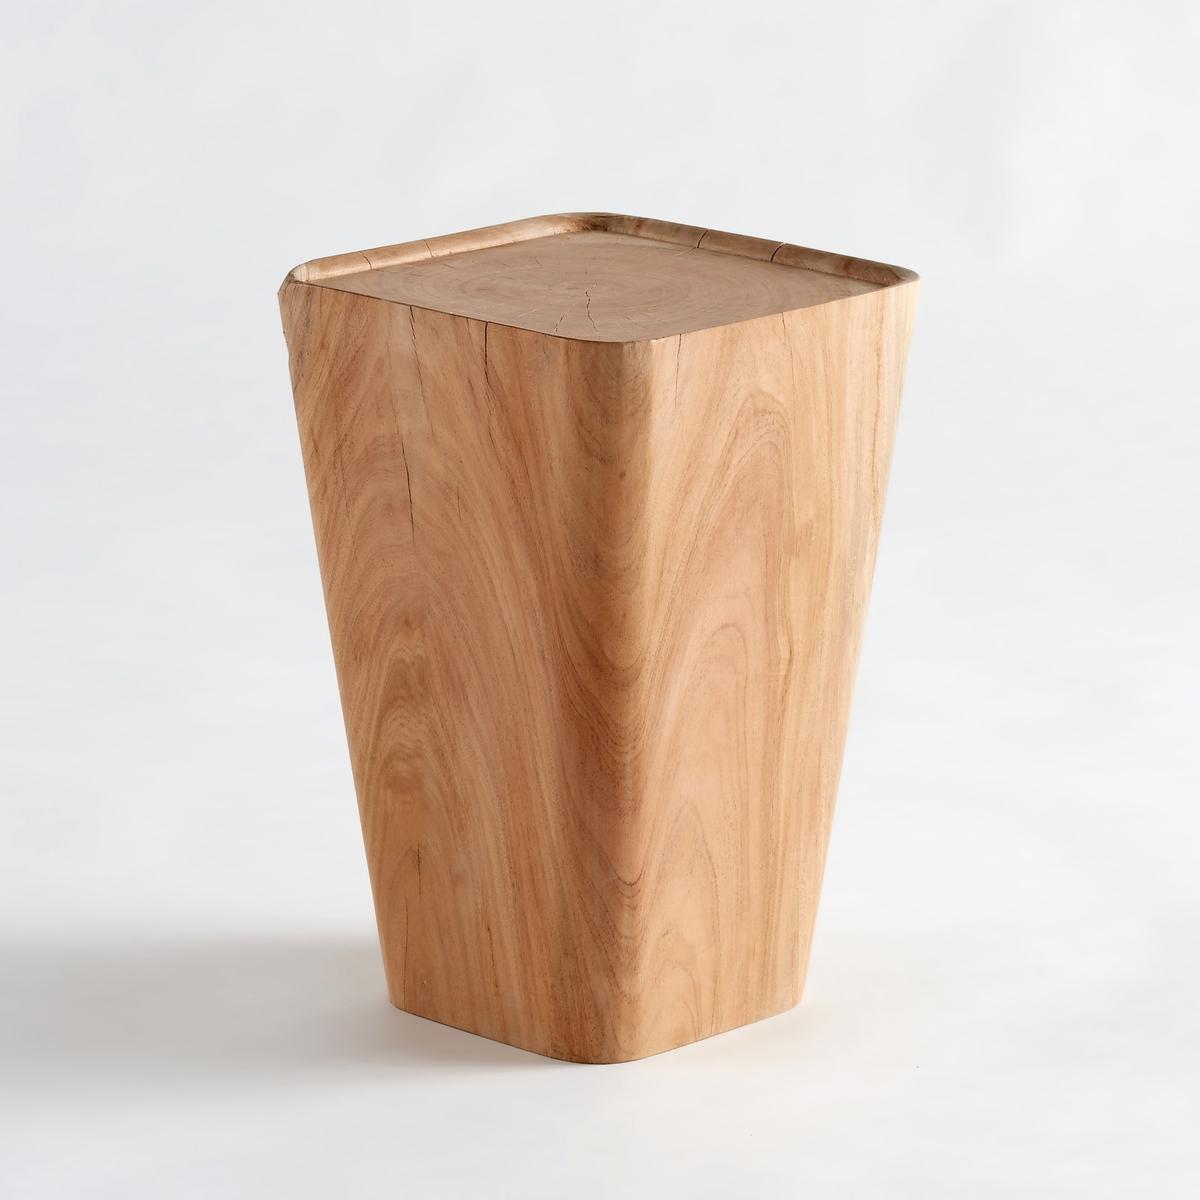 Диванный столик из акации, KarialiДиванный столик Kariali. Настоящий предмет декора, диванный столик в форме моста можно использовать как ночной столик или журнальный столик.Характеристики: :- Из массива акации. Каждое изделие уникально . Массив дерева- это живой материал, который может изменить свой внешний вид и на котором могут со временем образоваться небольшие трещинки .Размеры : - диаметр 30 x 45 см.<br><br>Цвет: серо-бежевый